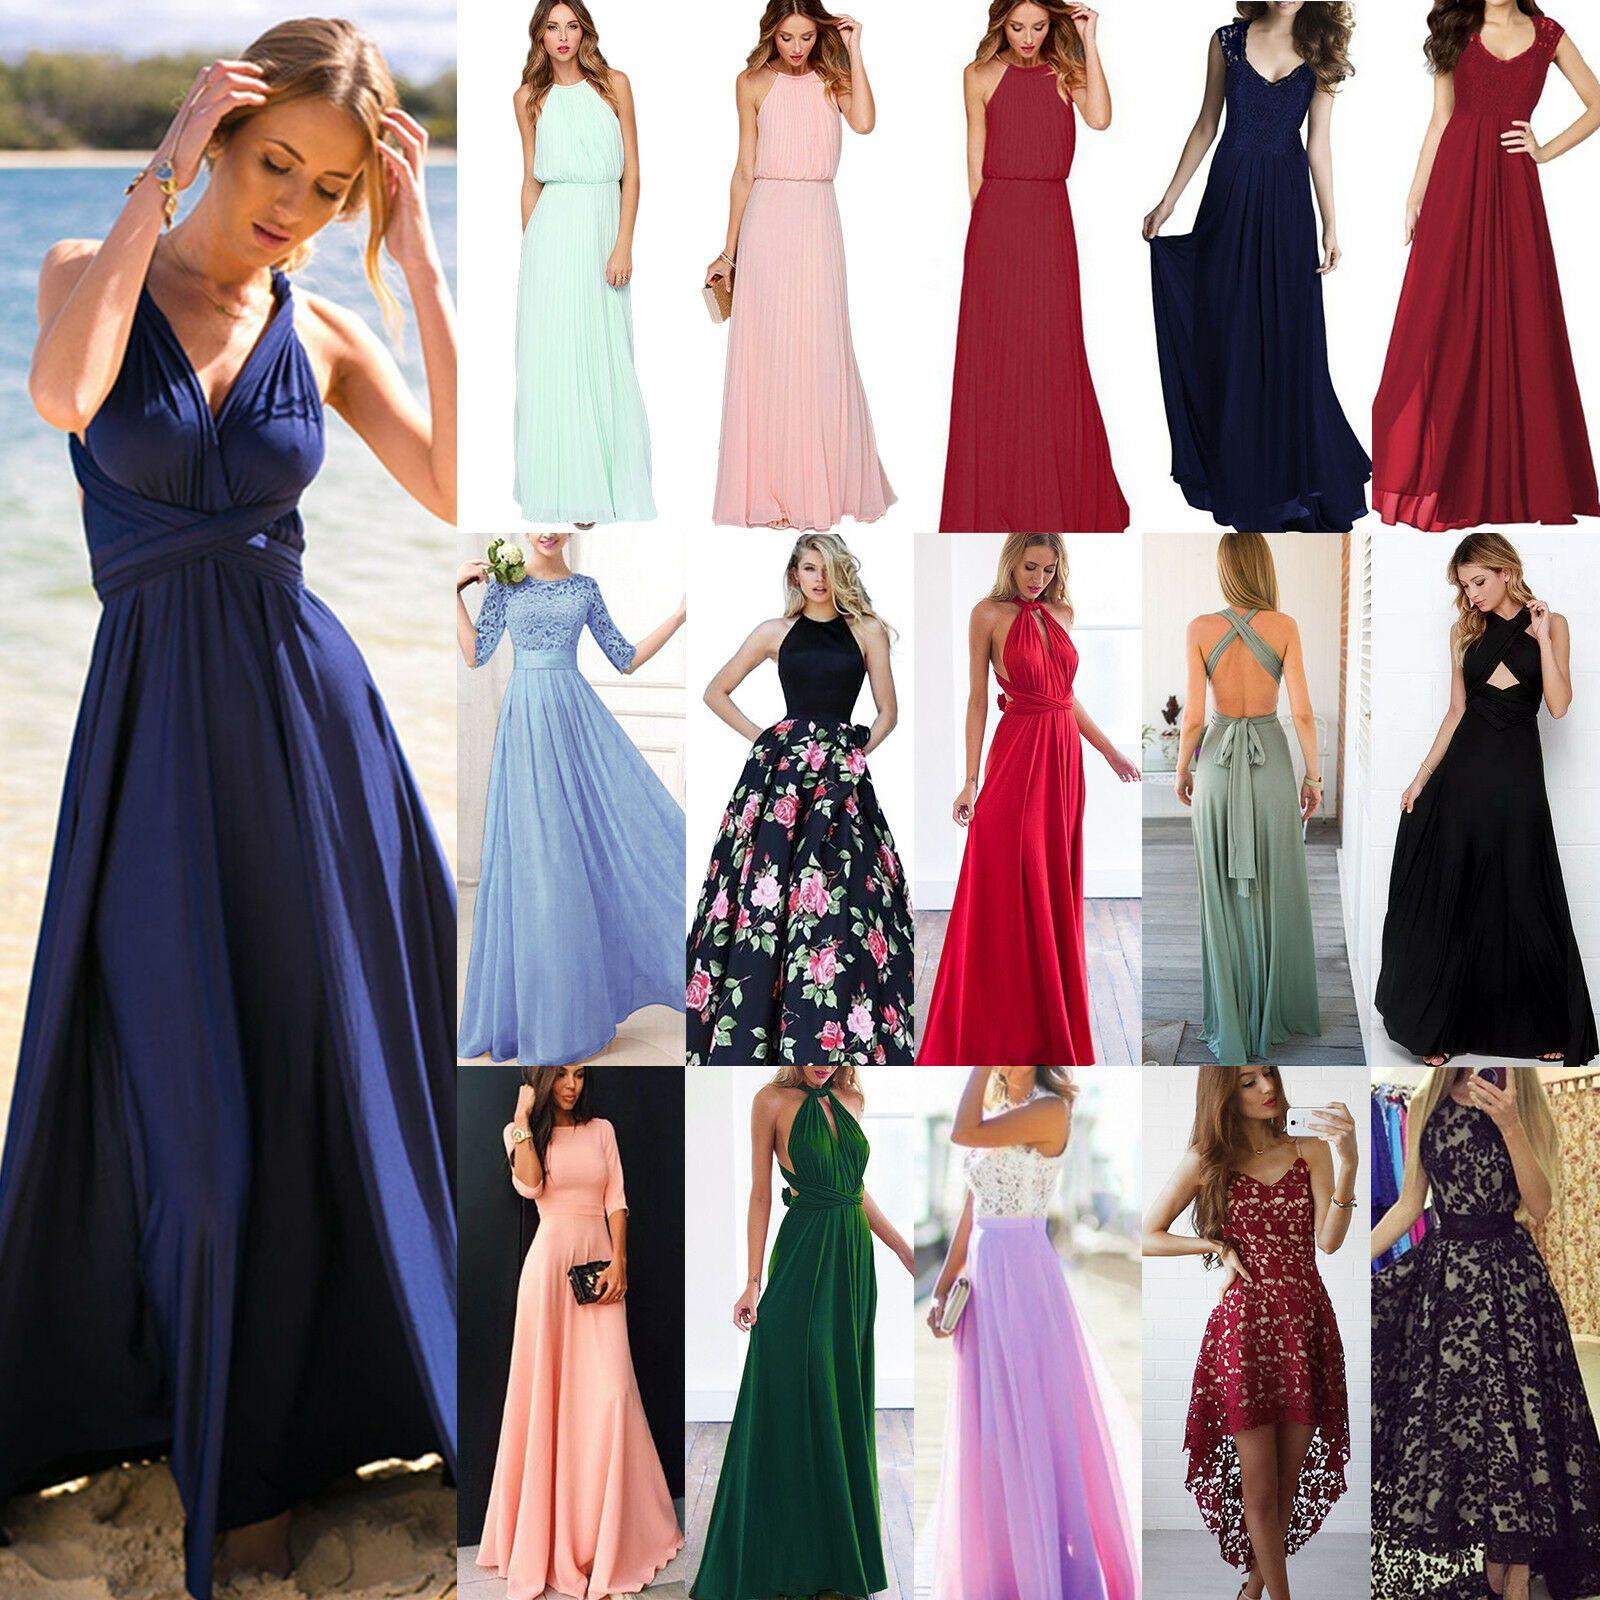 Leicht Abendkleid Damen Lang Ärmel13 Luxurius Abendkleid Damen Lang Spezialgebiet